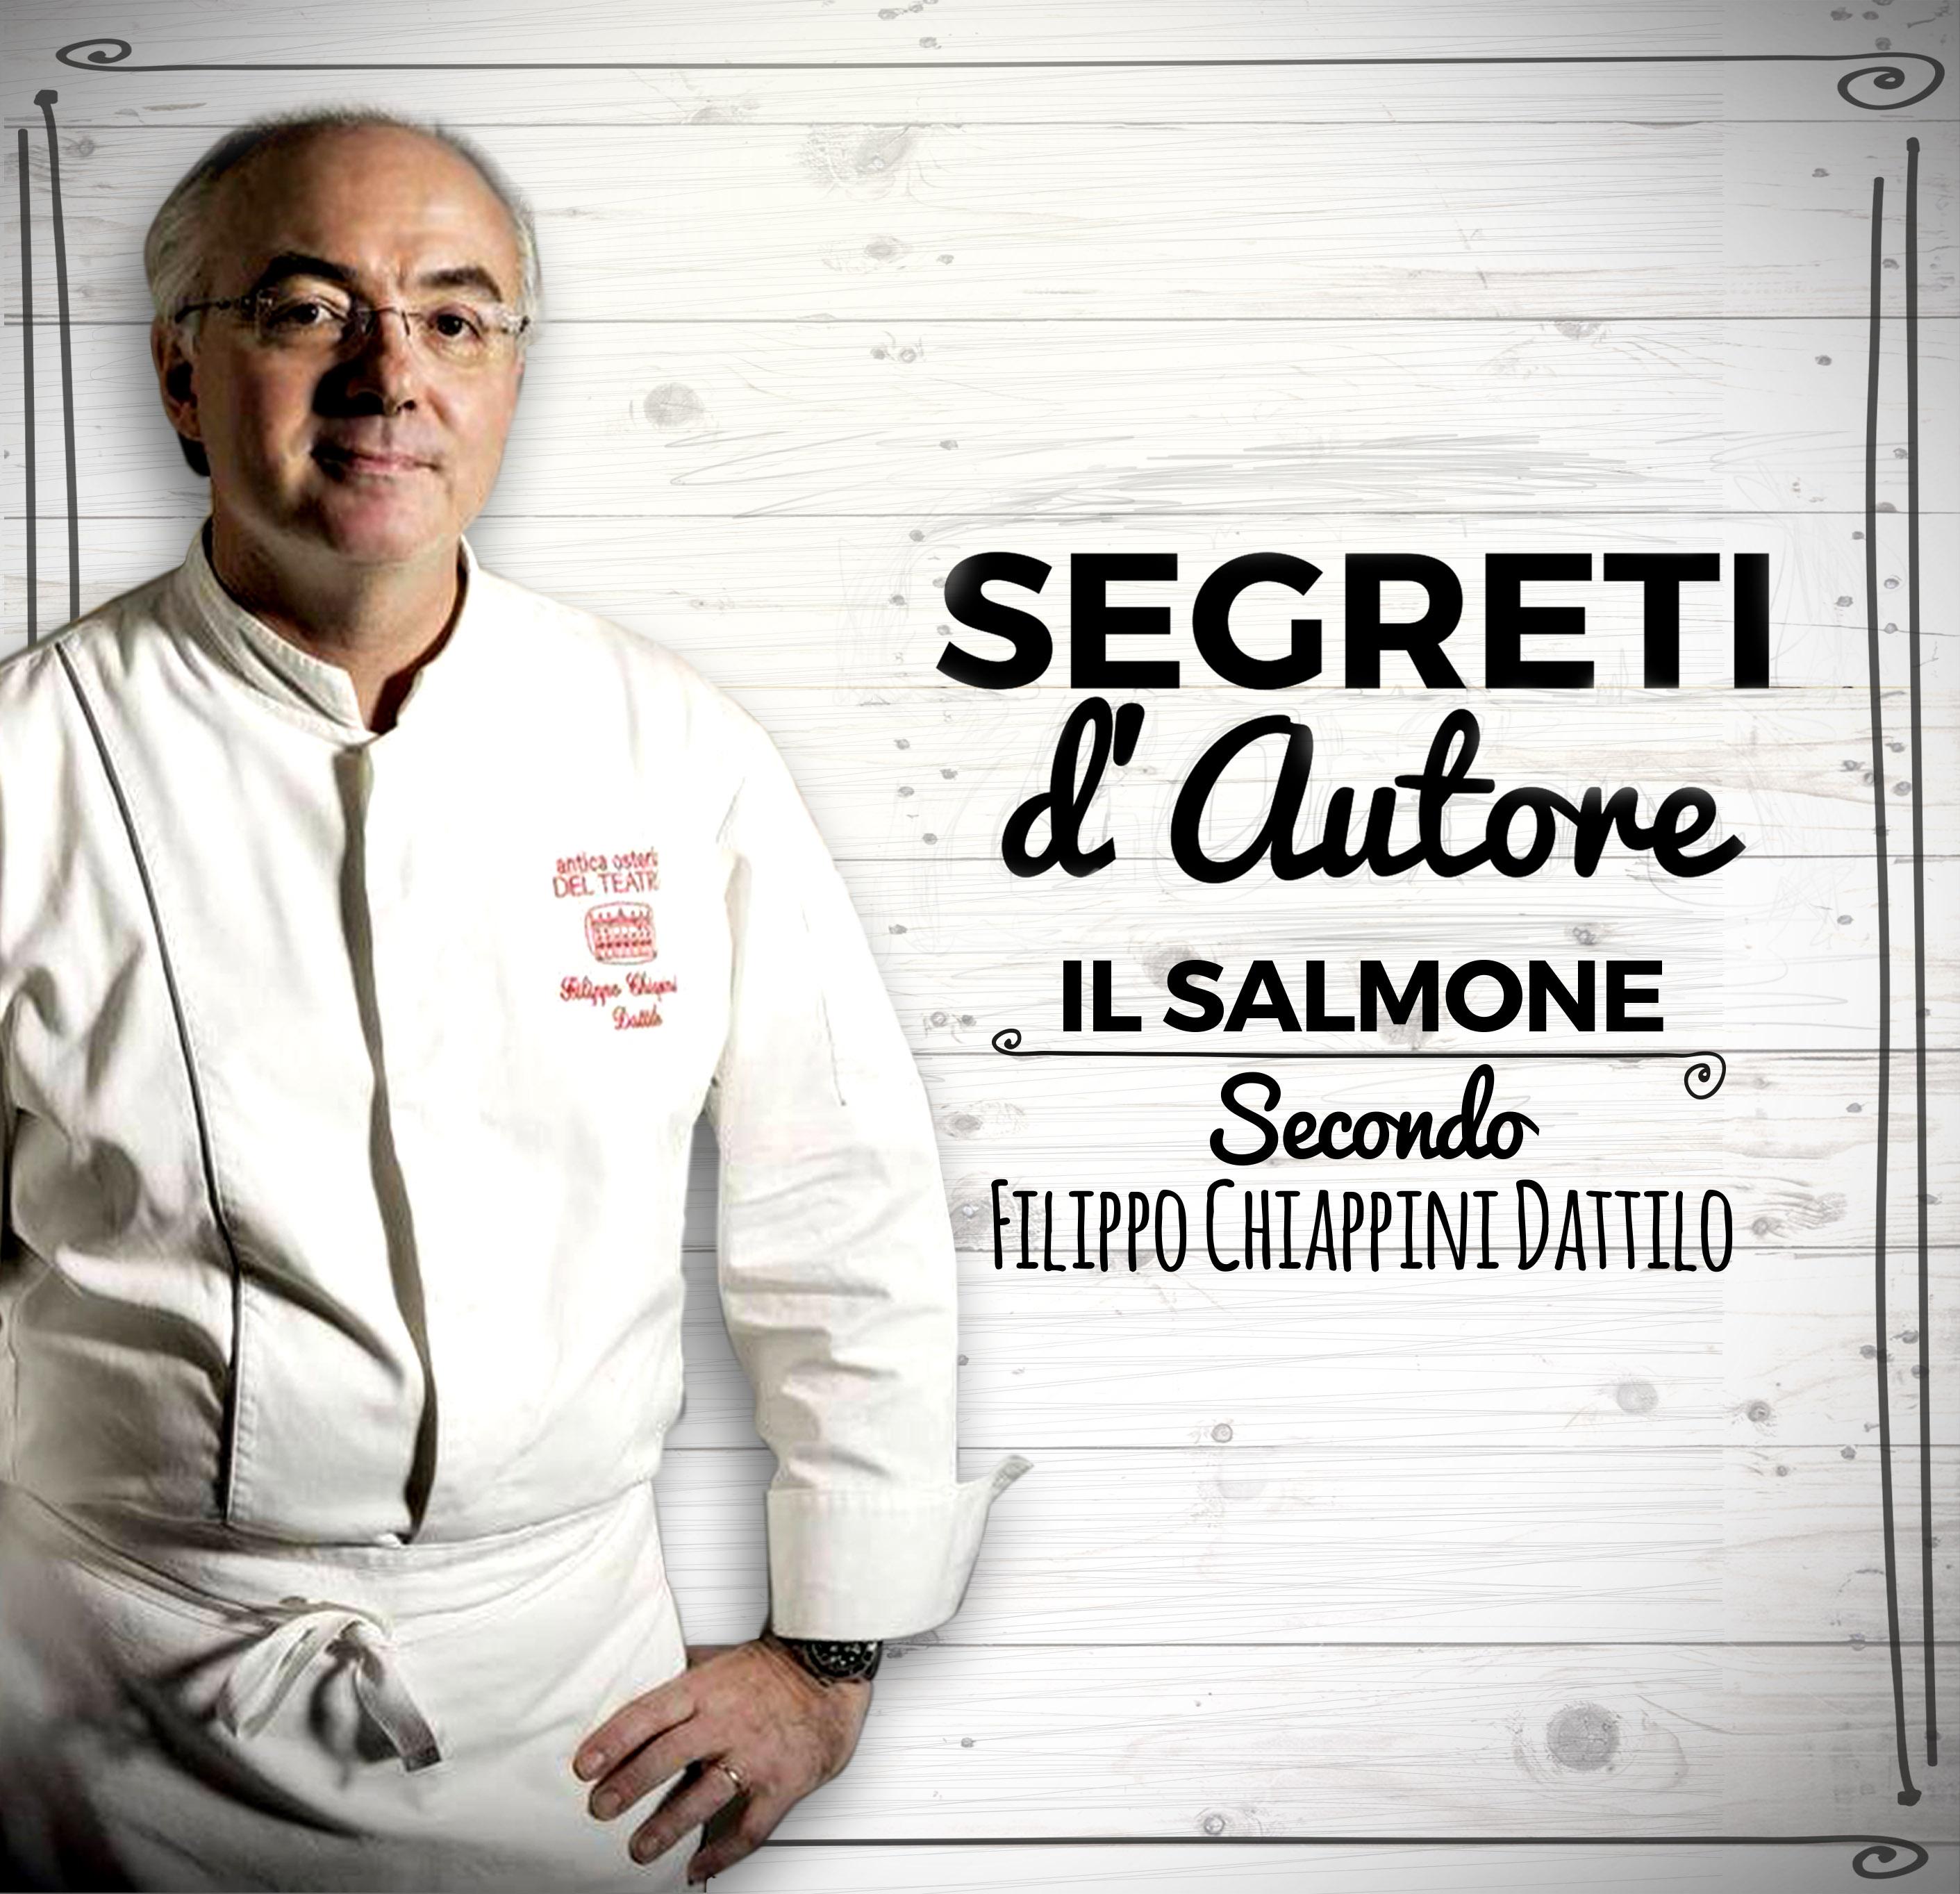 Segreti d'autore: il salmone secondo Filippo Chiappini Dattilo